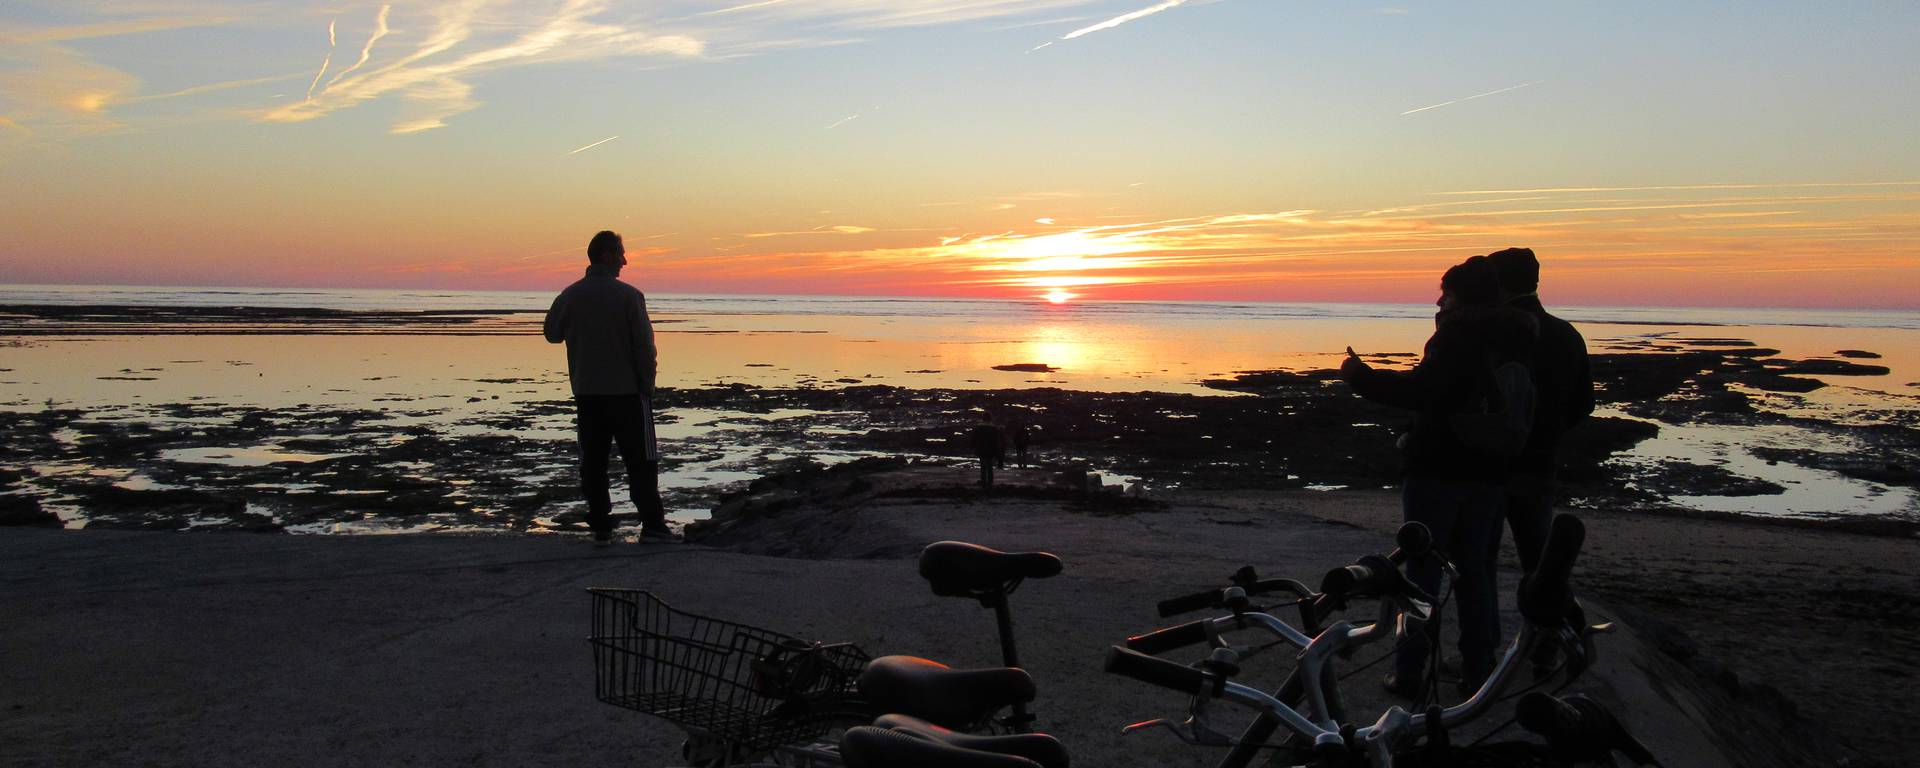 L'Ile de Ré et ses couchers de soleil, Laurence Furic.